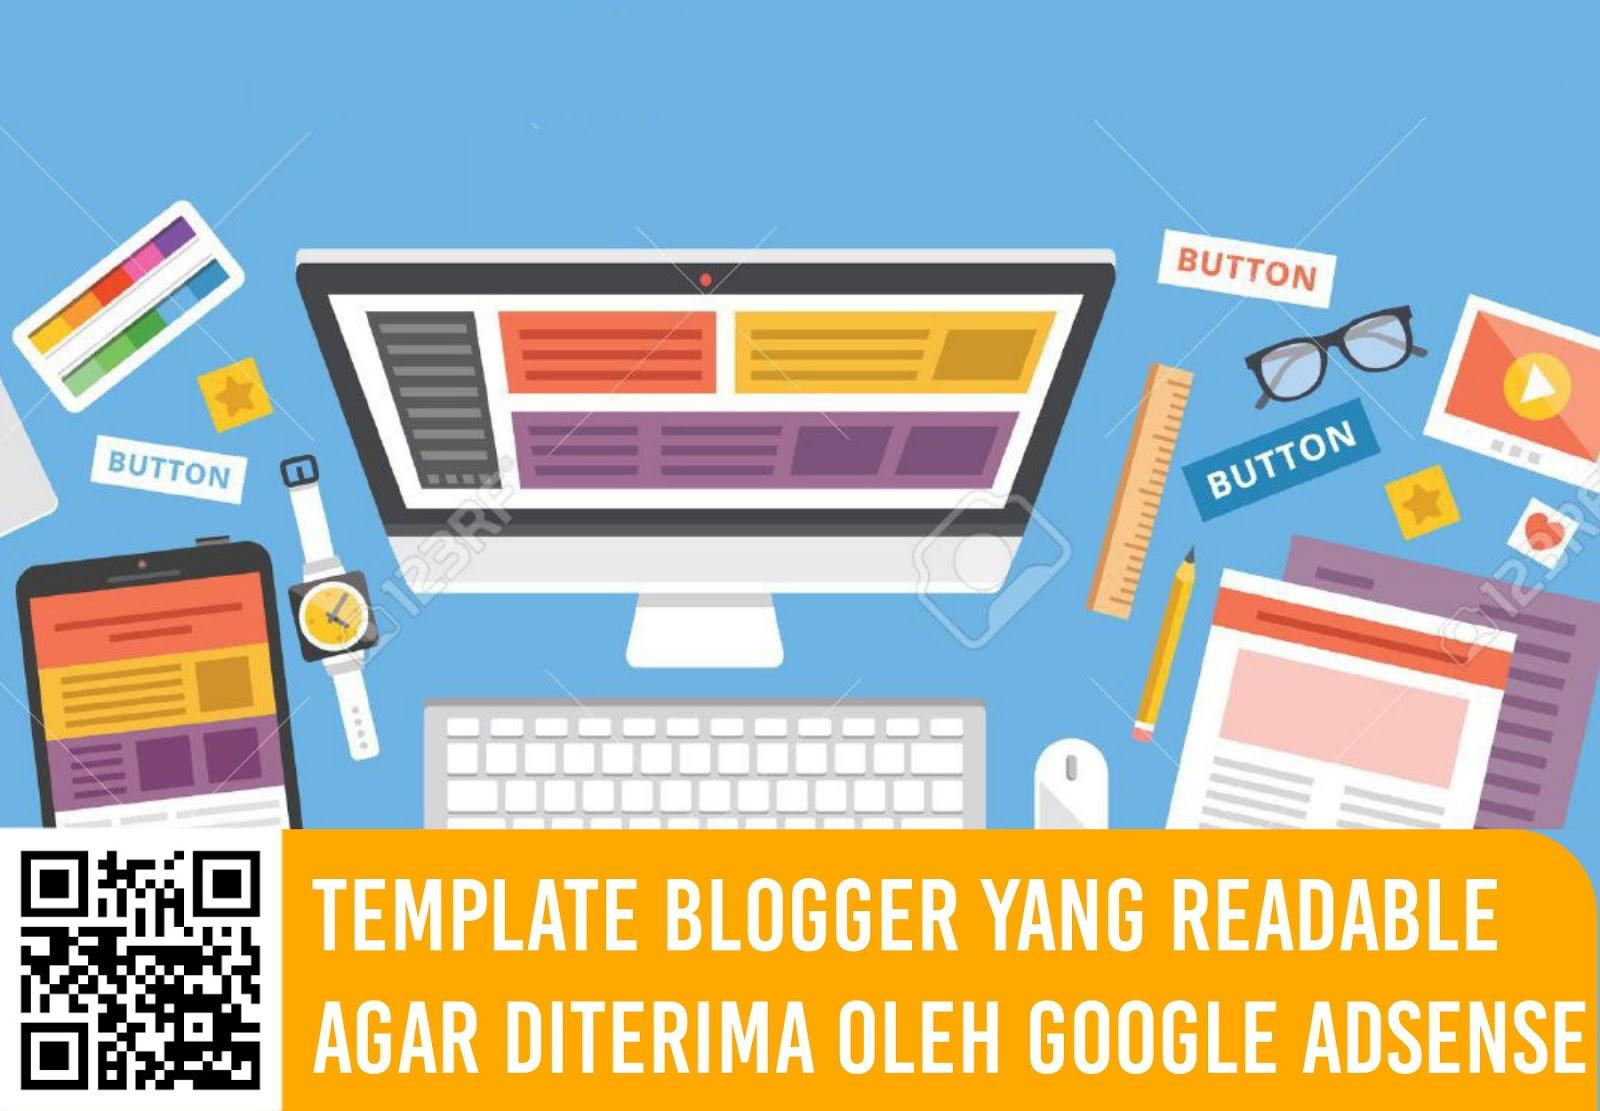 Template Blogger Yang Readable Agar Diterima Oleh Google Adsense